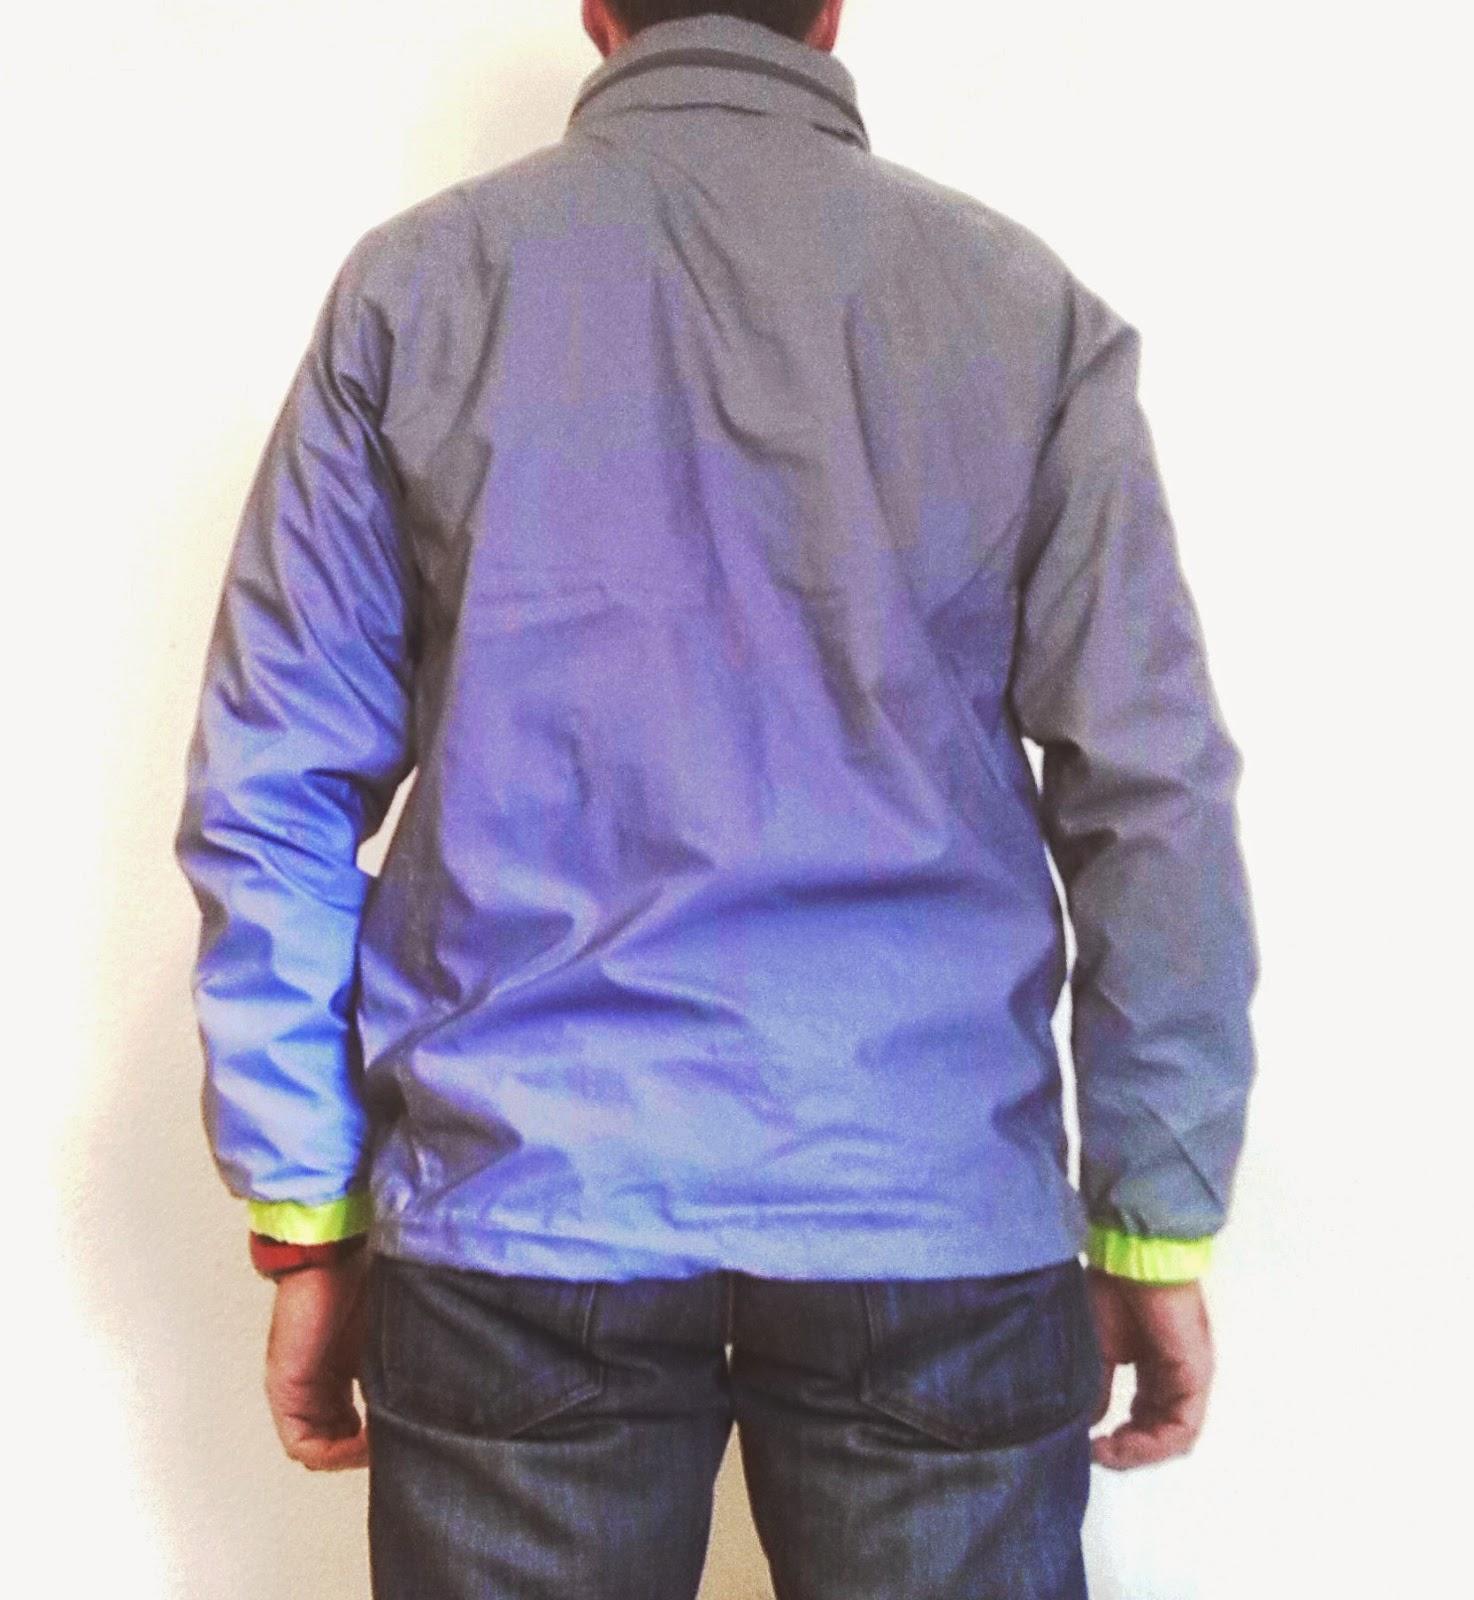 Proviz Nightrider pantalones tamaño xl reflectante lluvia pantalones señora pantalones de lluvia